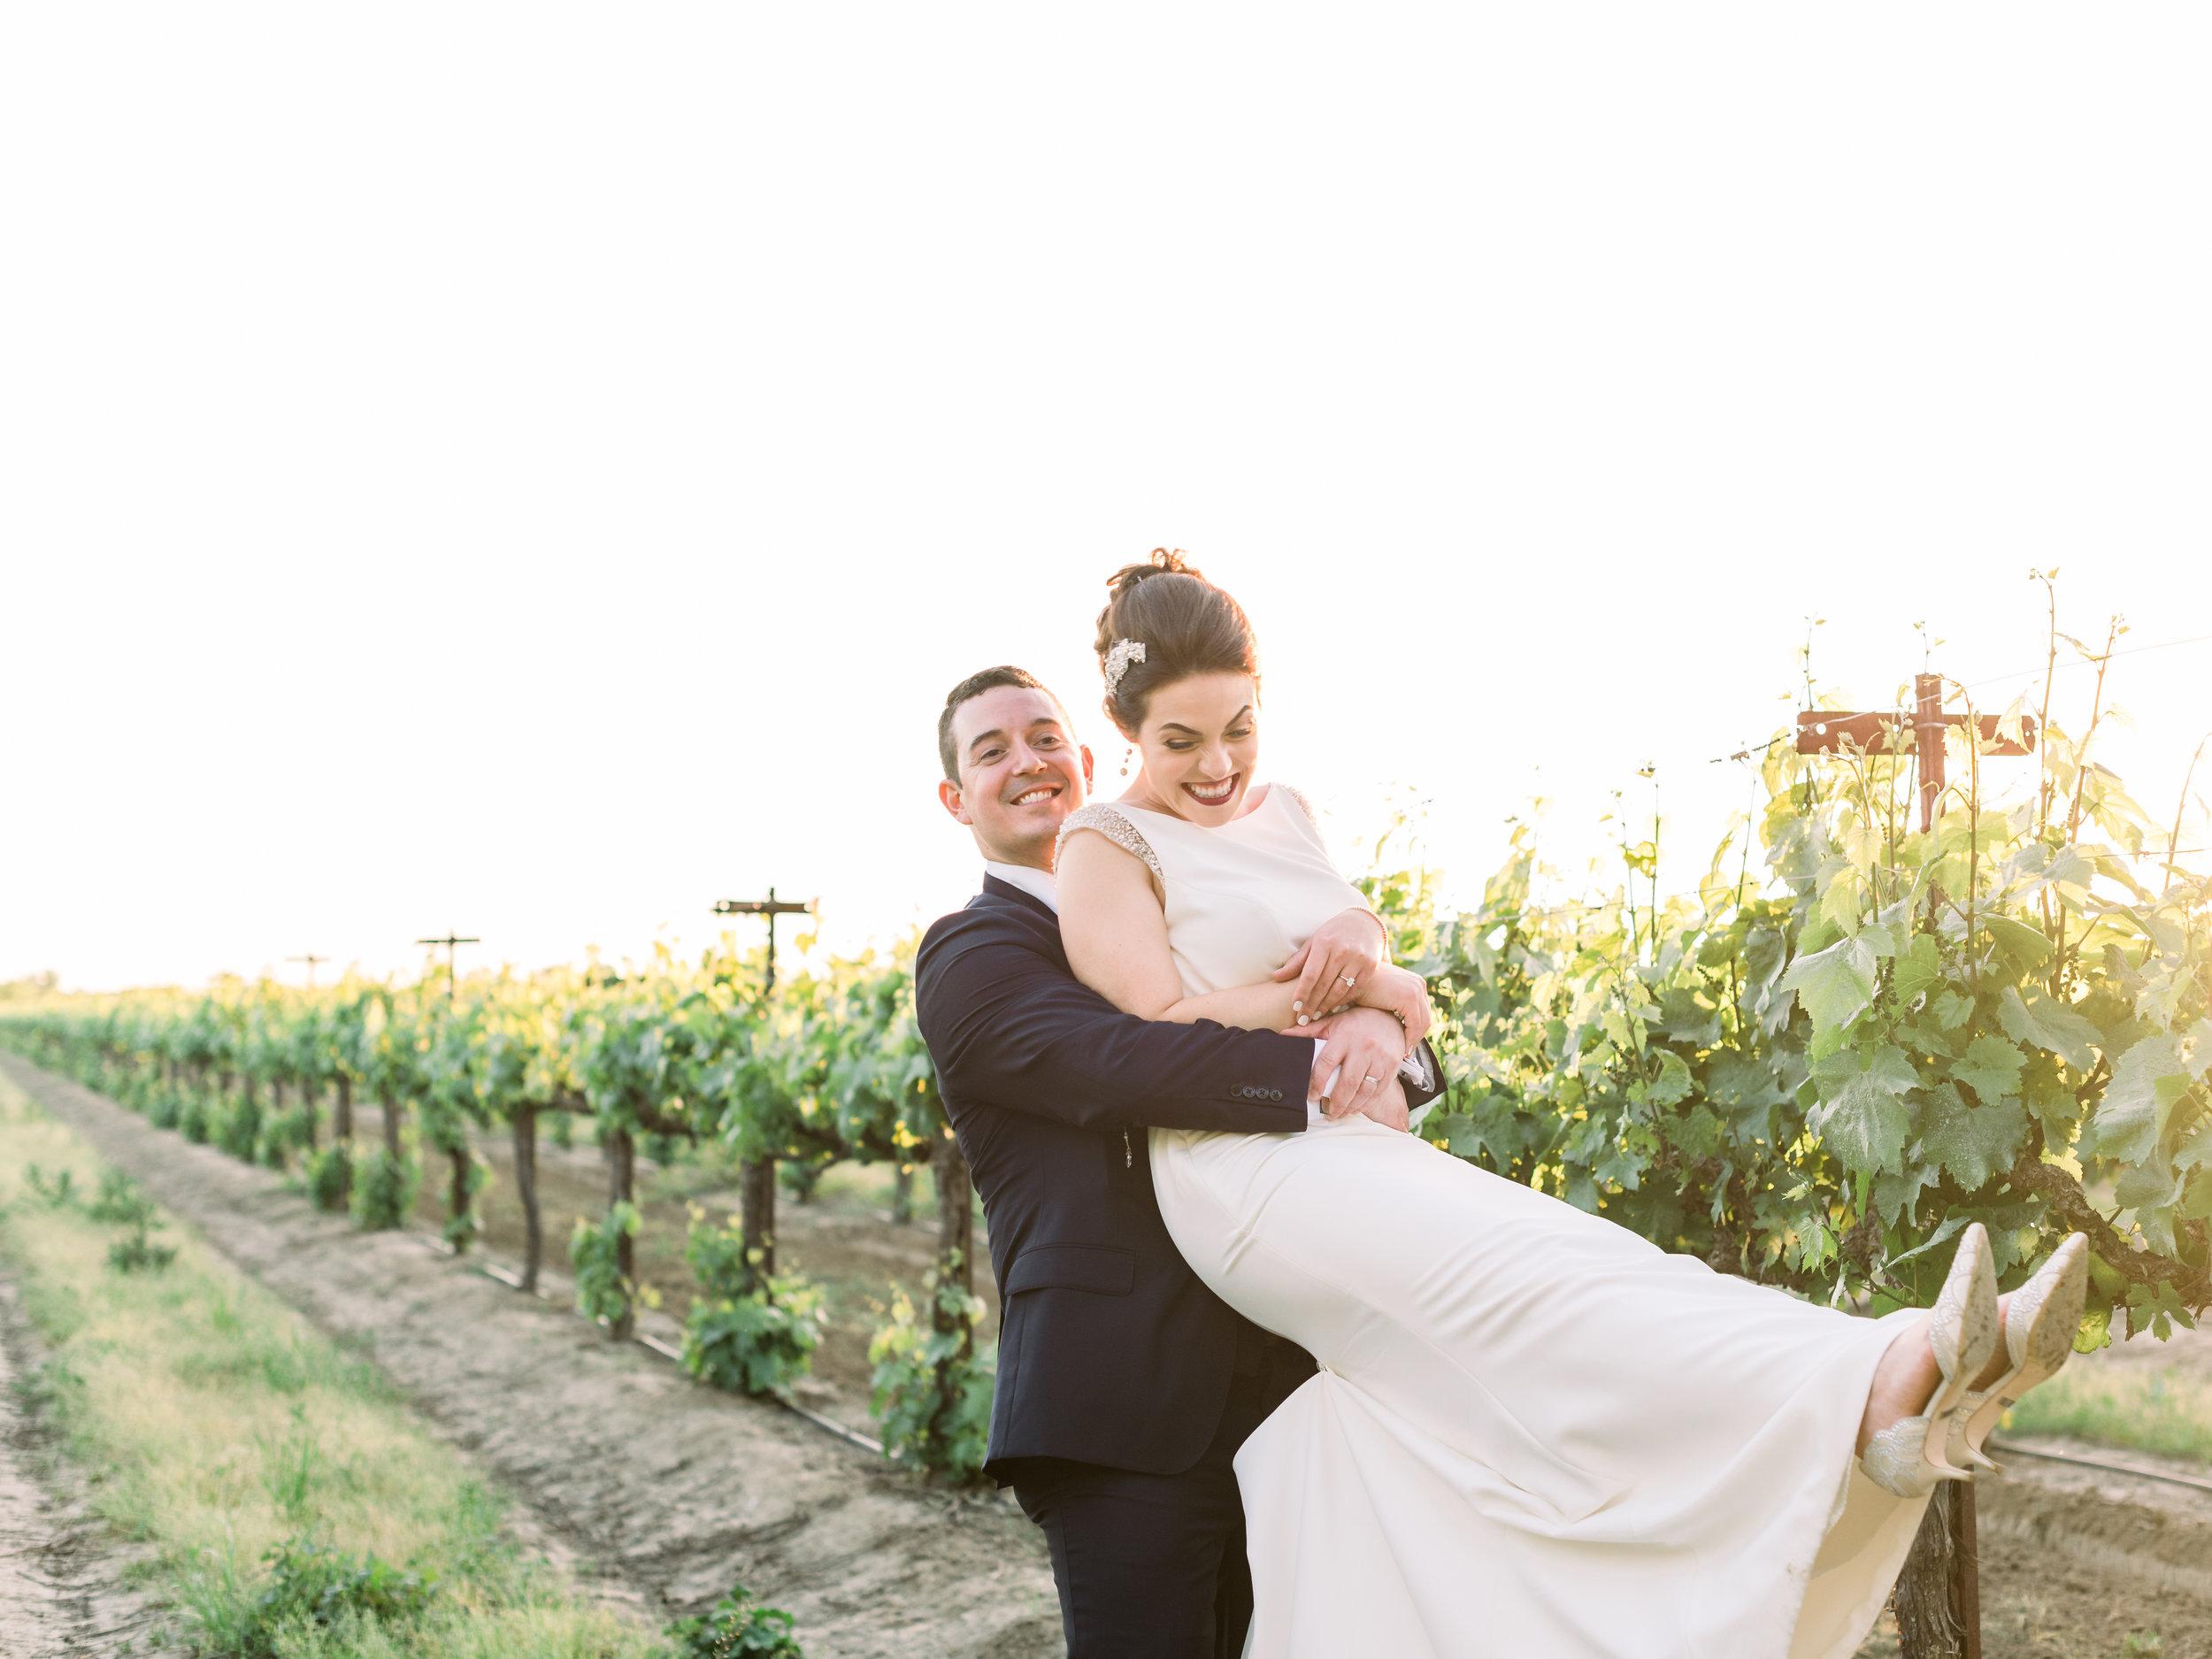 bride-and-groom-being-playful-in-the-vineyard.jpg